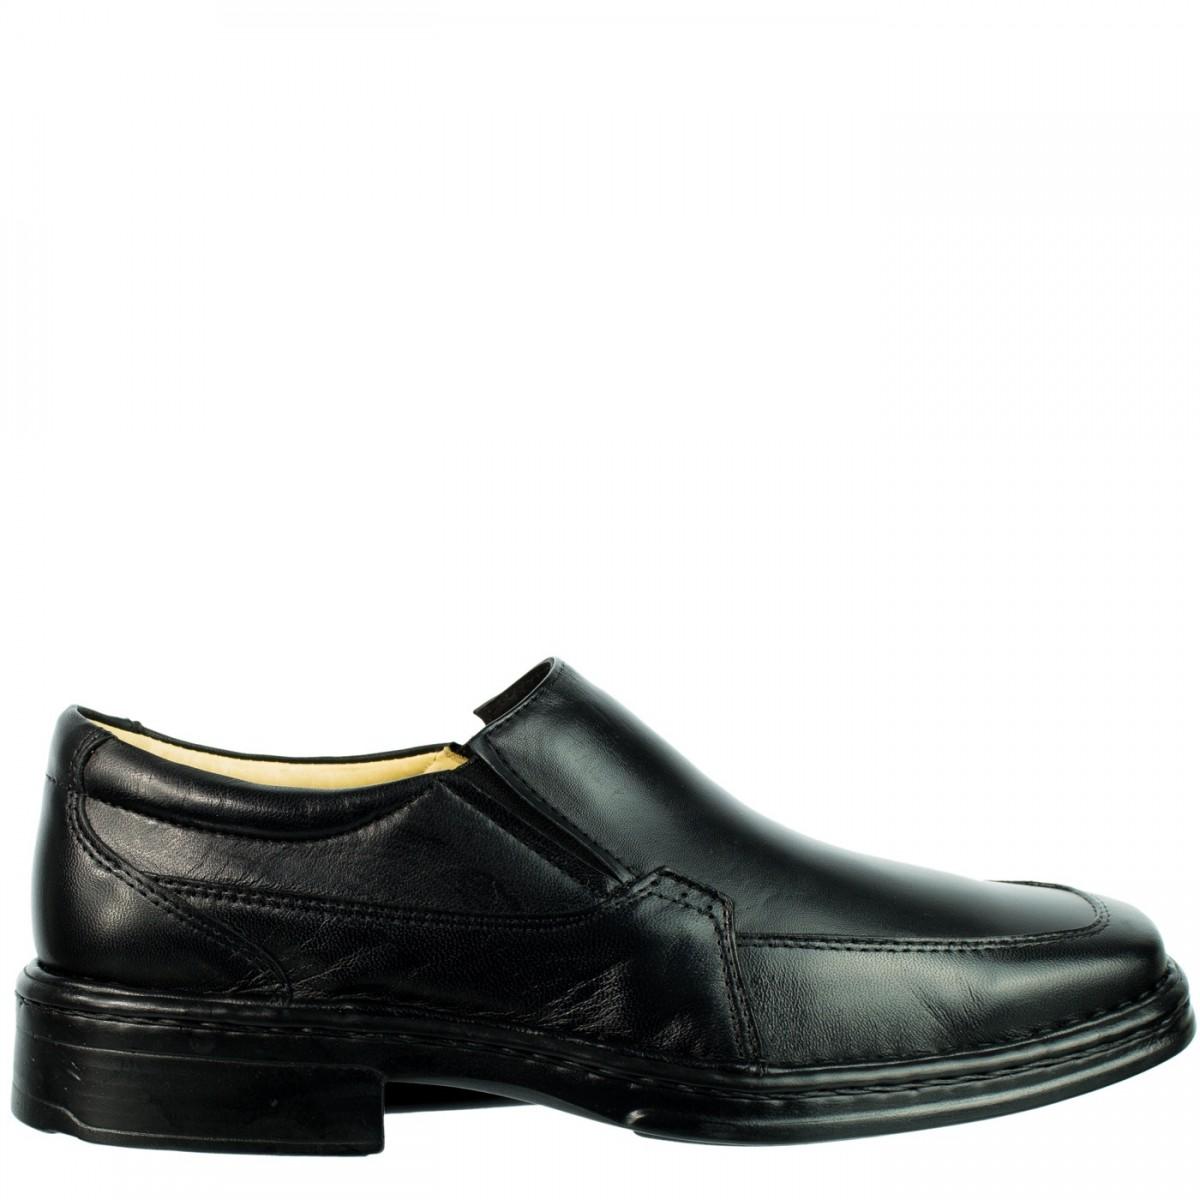 1d409eacdc89f Bizz Store - Sapato Social Masculino Viepper Couro Legítimo Preto